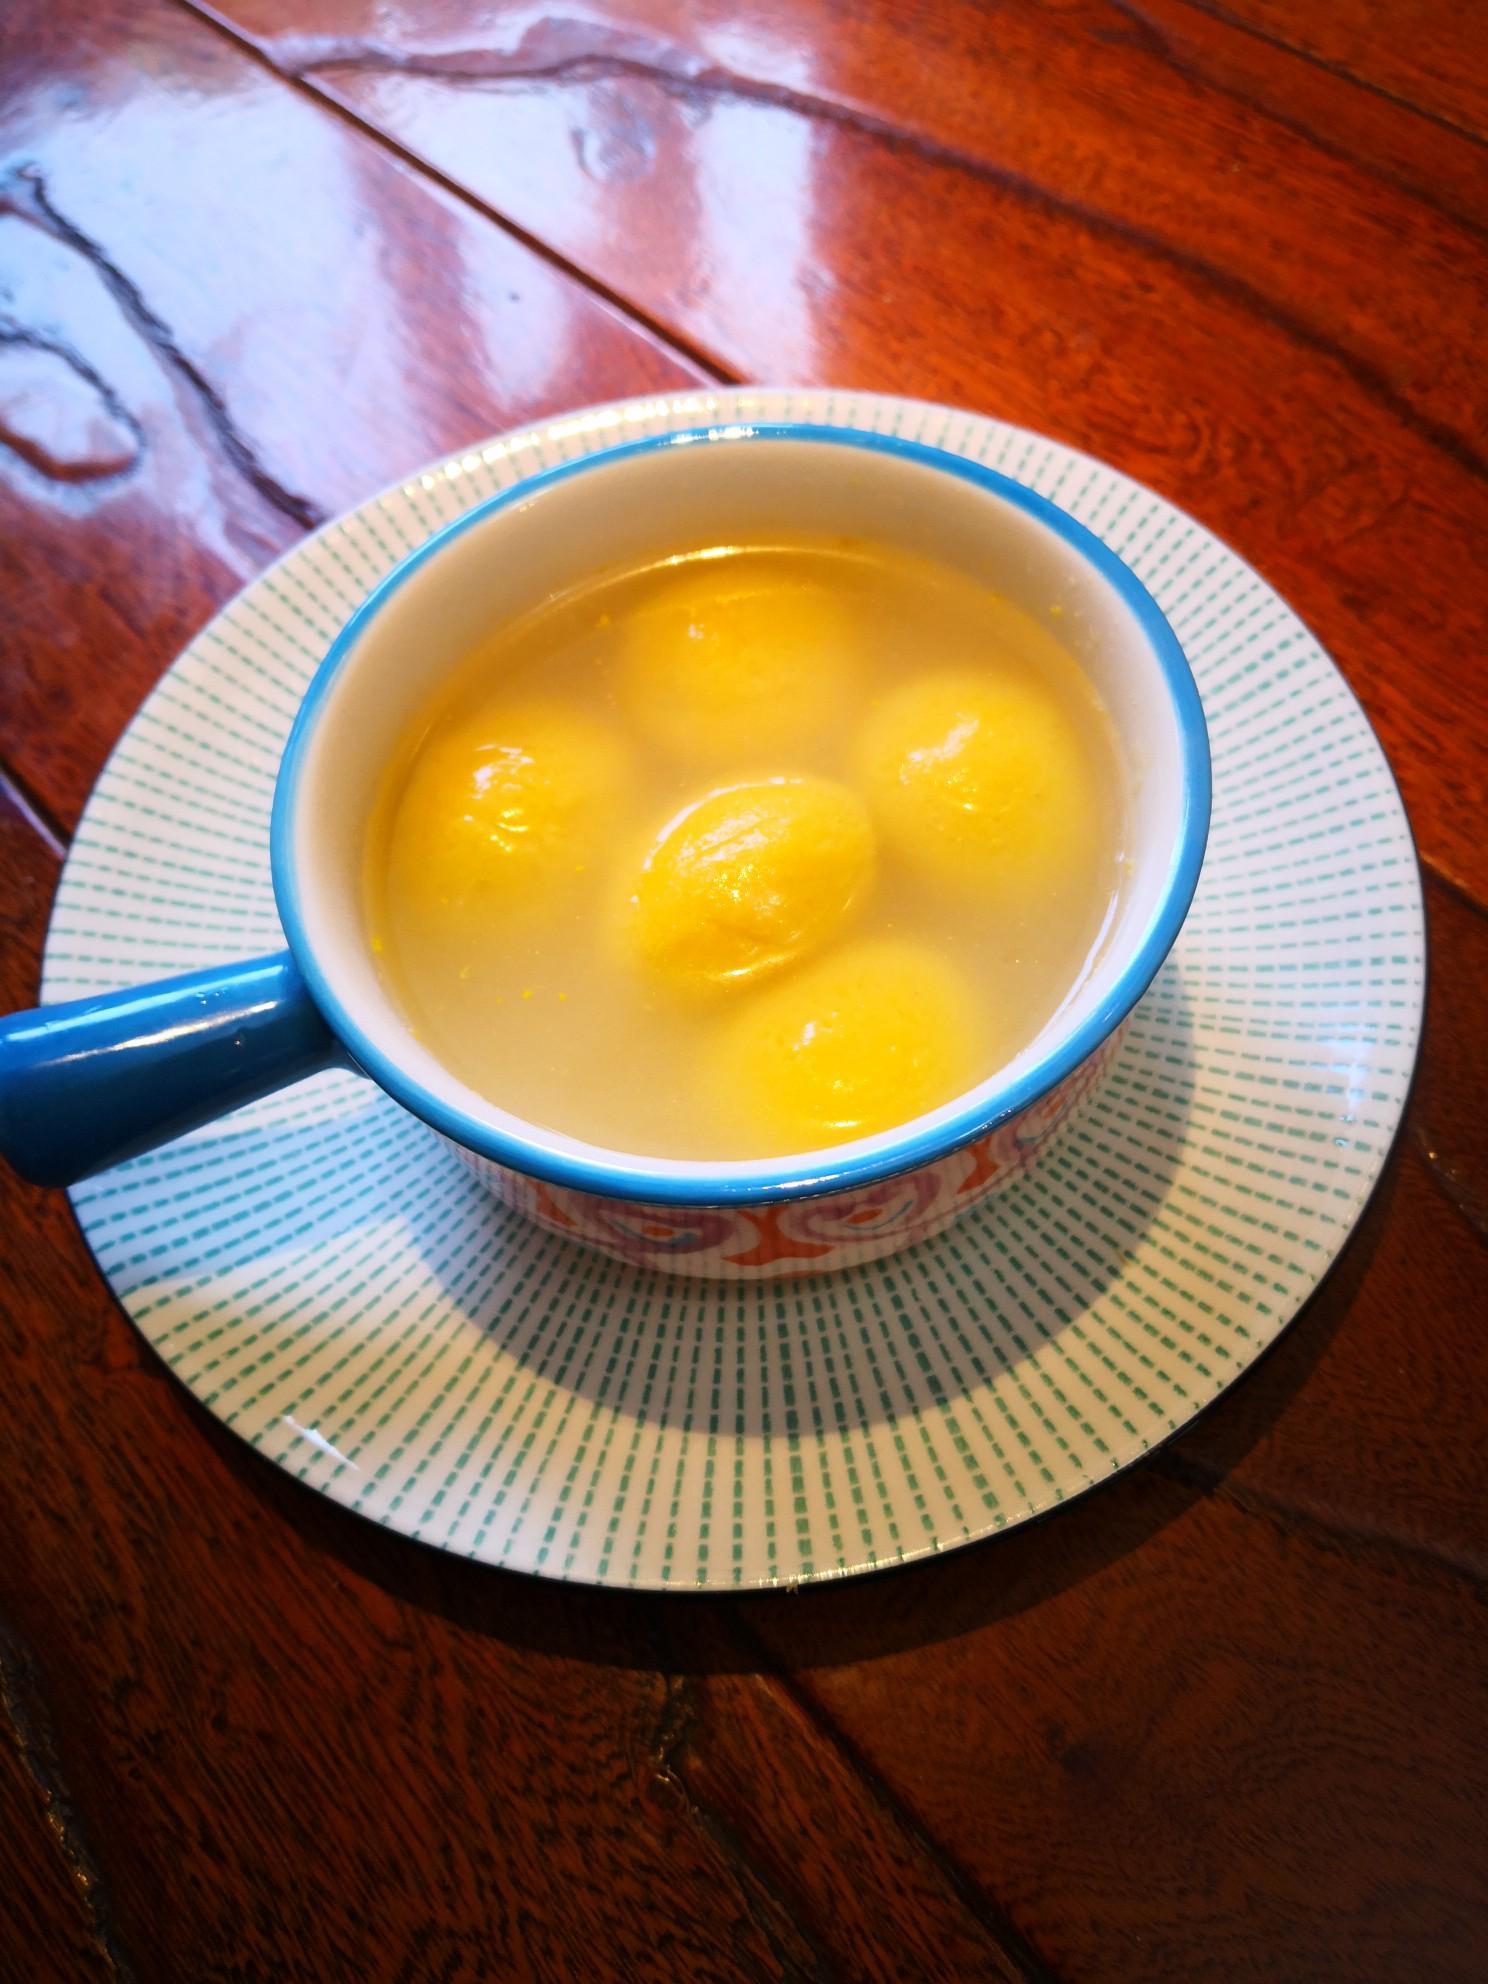 大黄米汤圆成品图